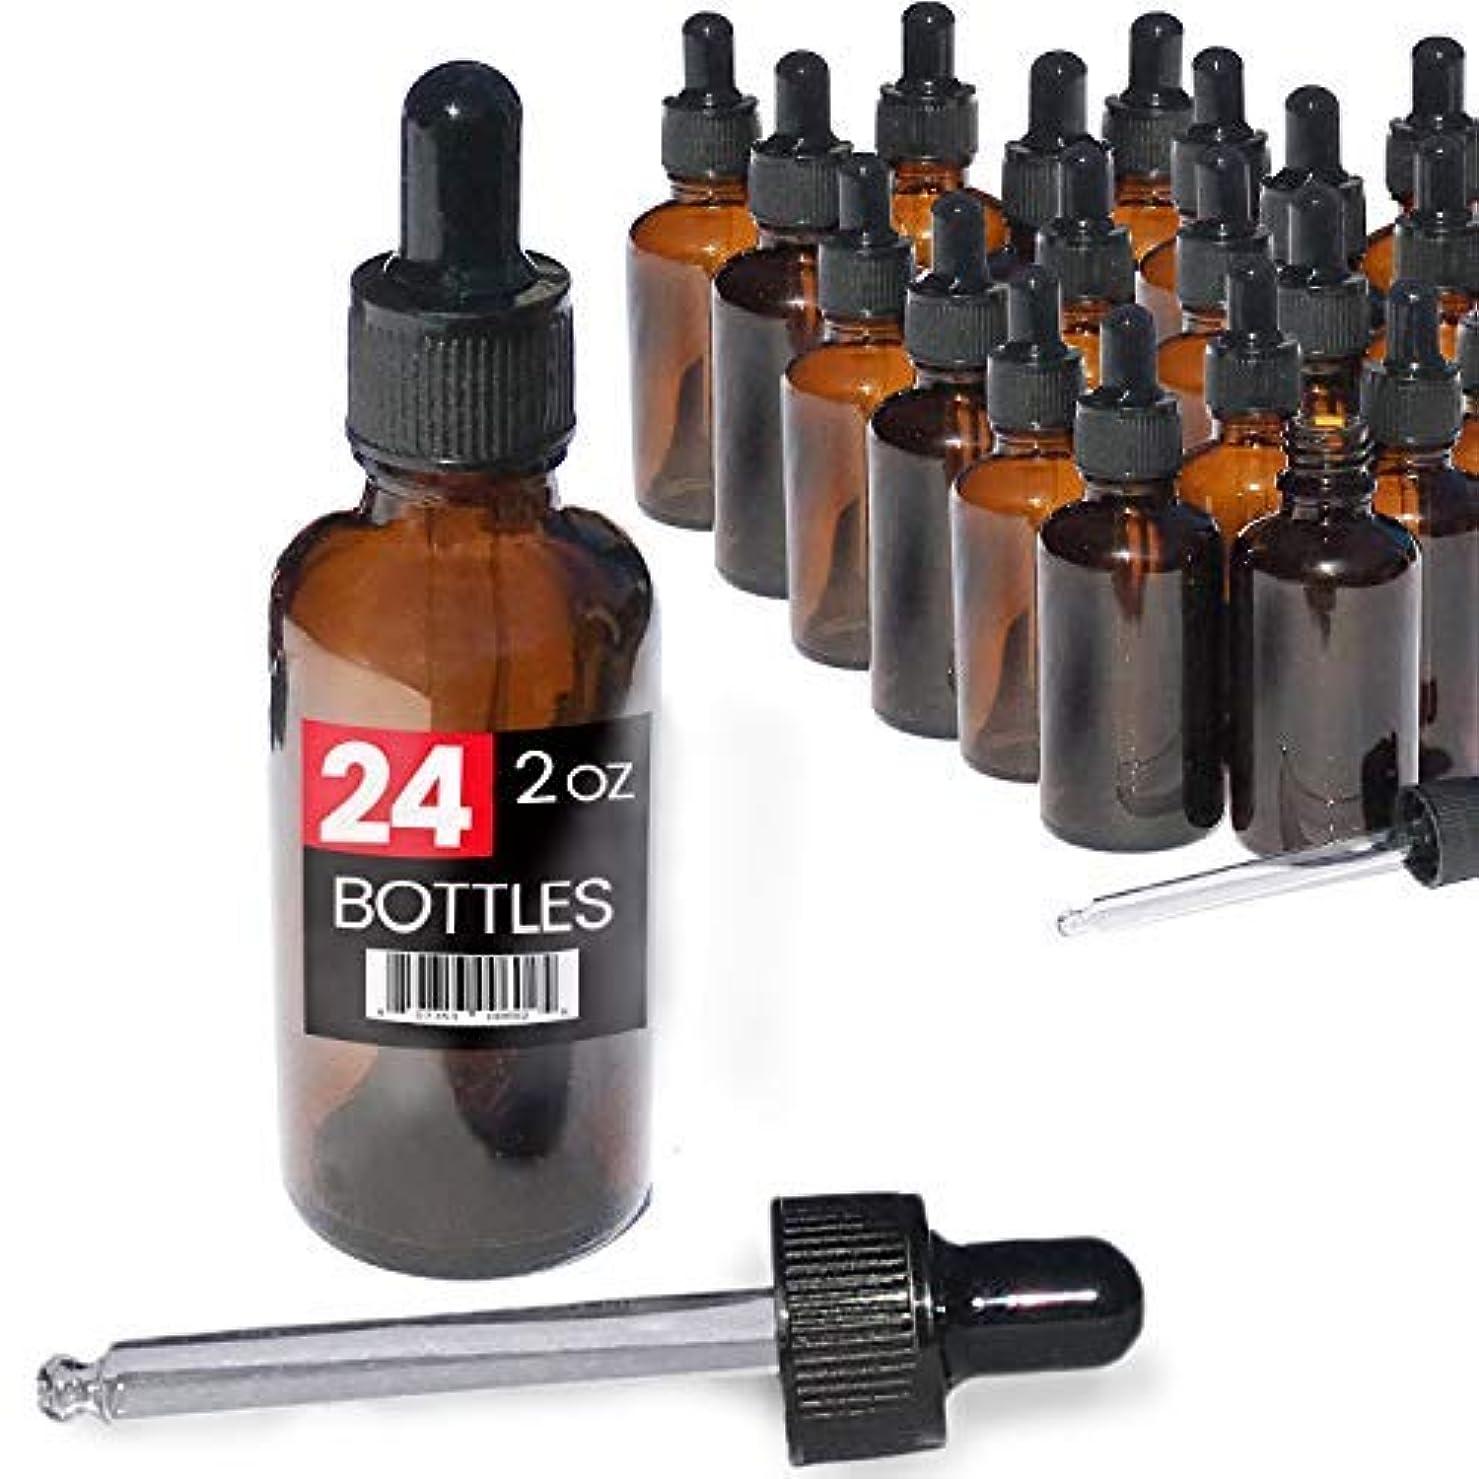 毒性洋服逆説2oz Premium Dropper Bottles (24 pack) - Great for Essential Oils - Amber 2 oz Glass - Glass Eye Dropper - Guaranteed...